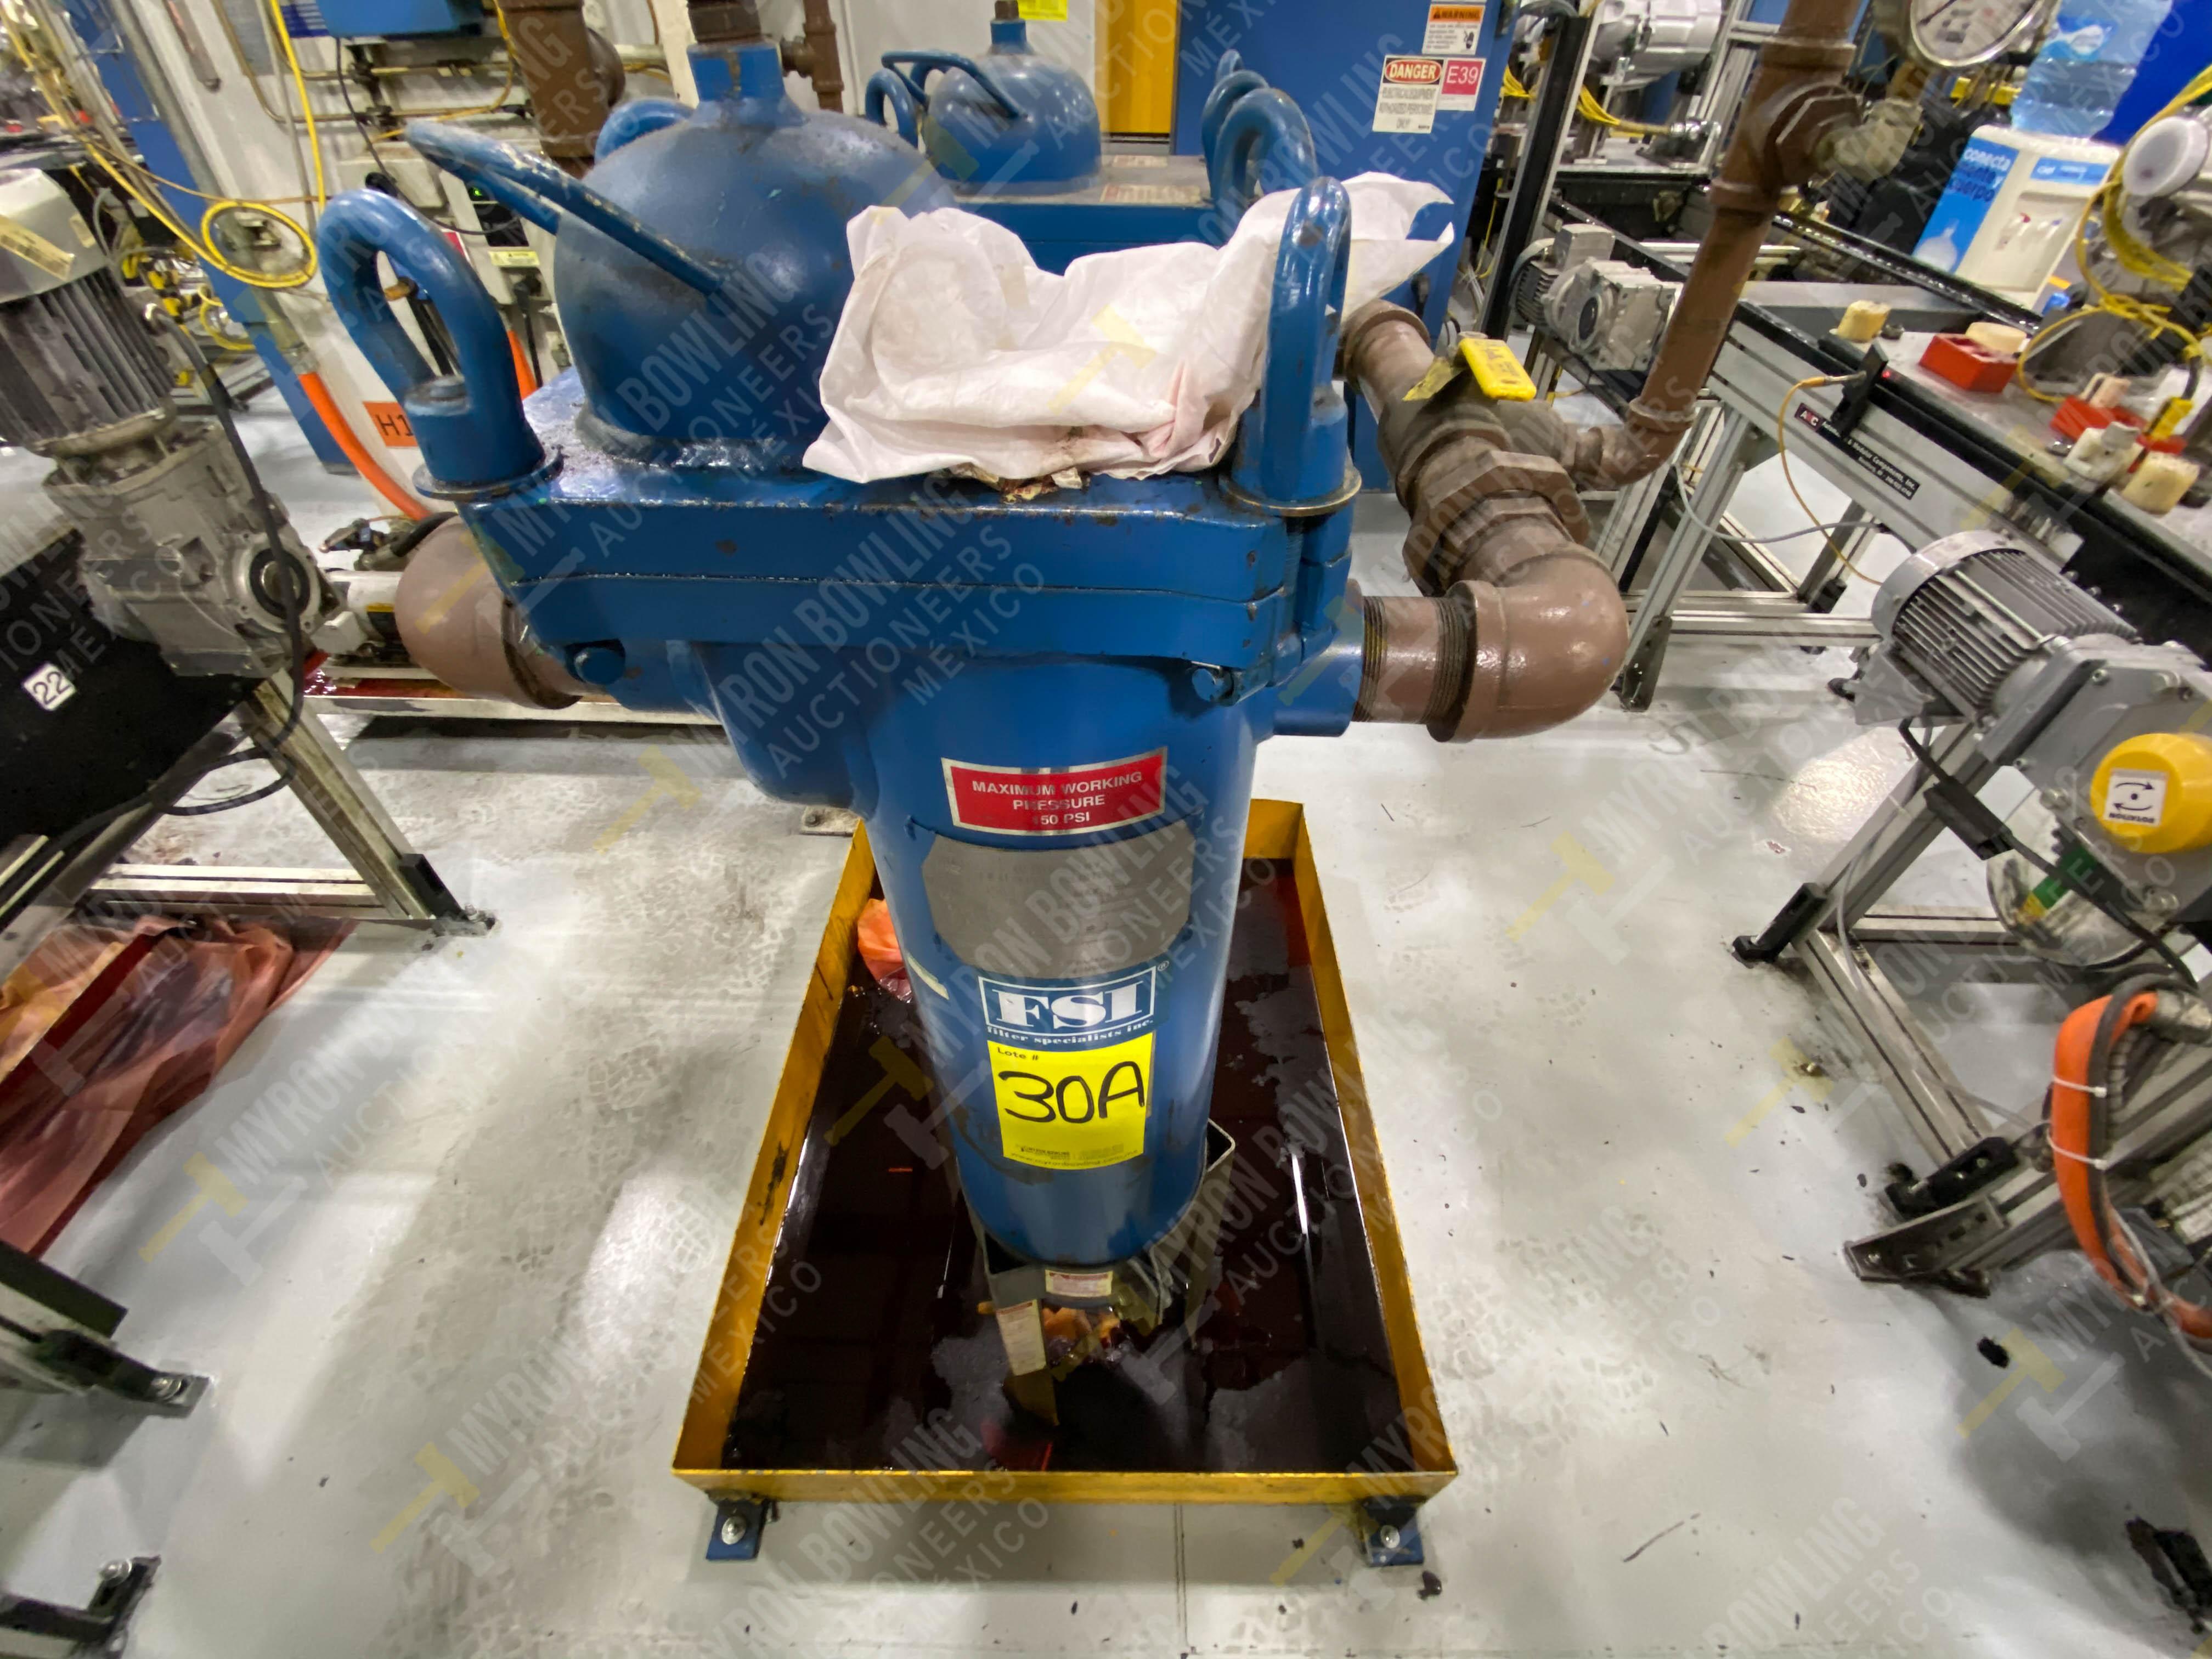 Bomba de aceite y filtros para el llenado de housings en lote 30 y 31. - Image 7 of 30